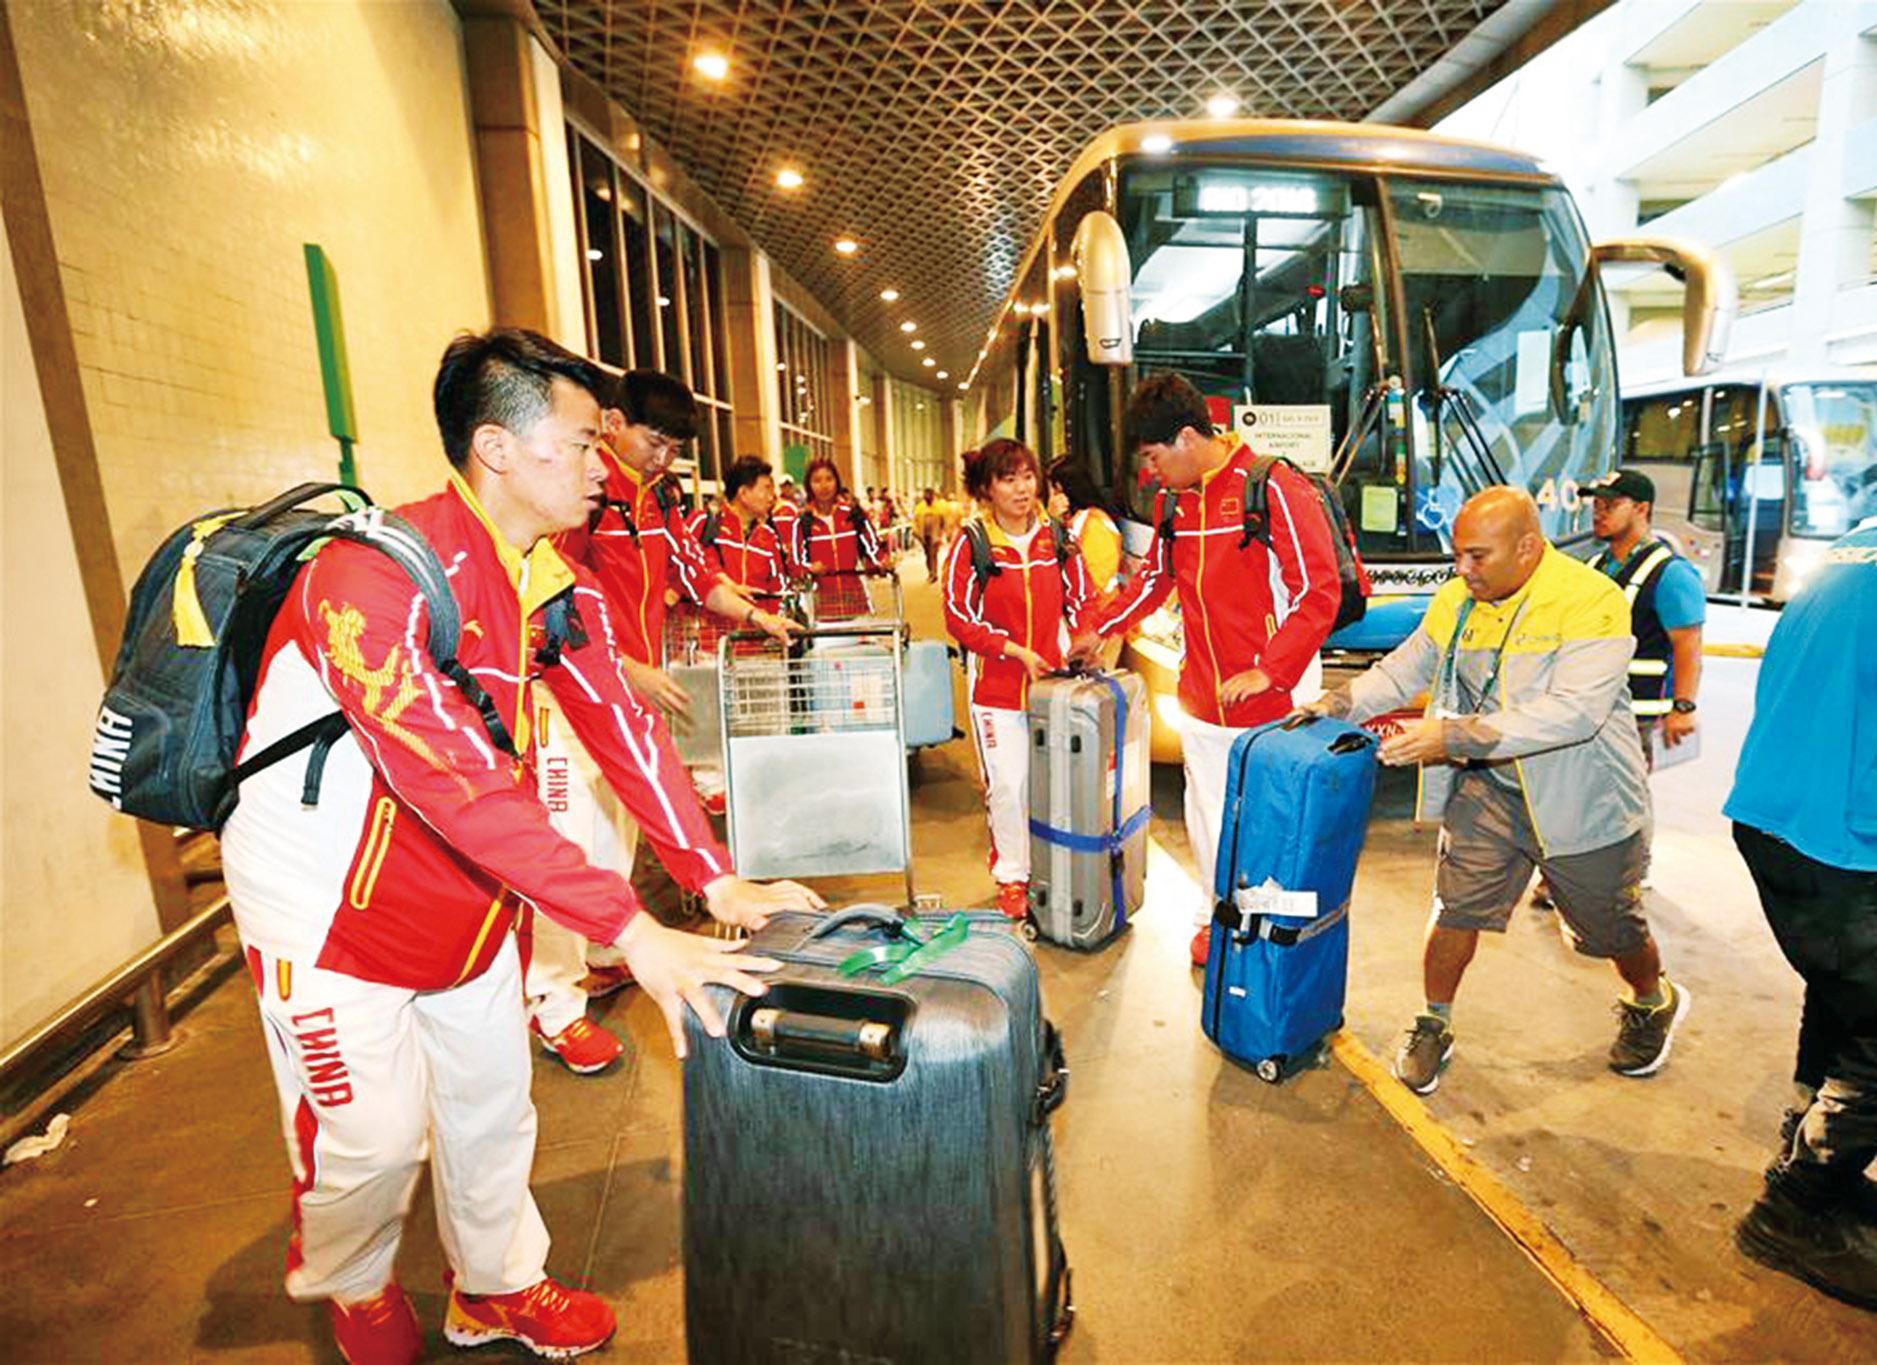 奧組委向被搶中國人道歉